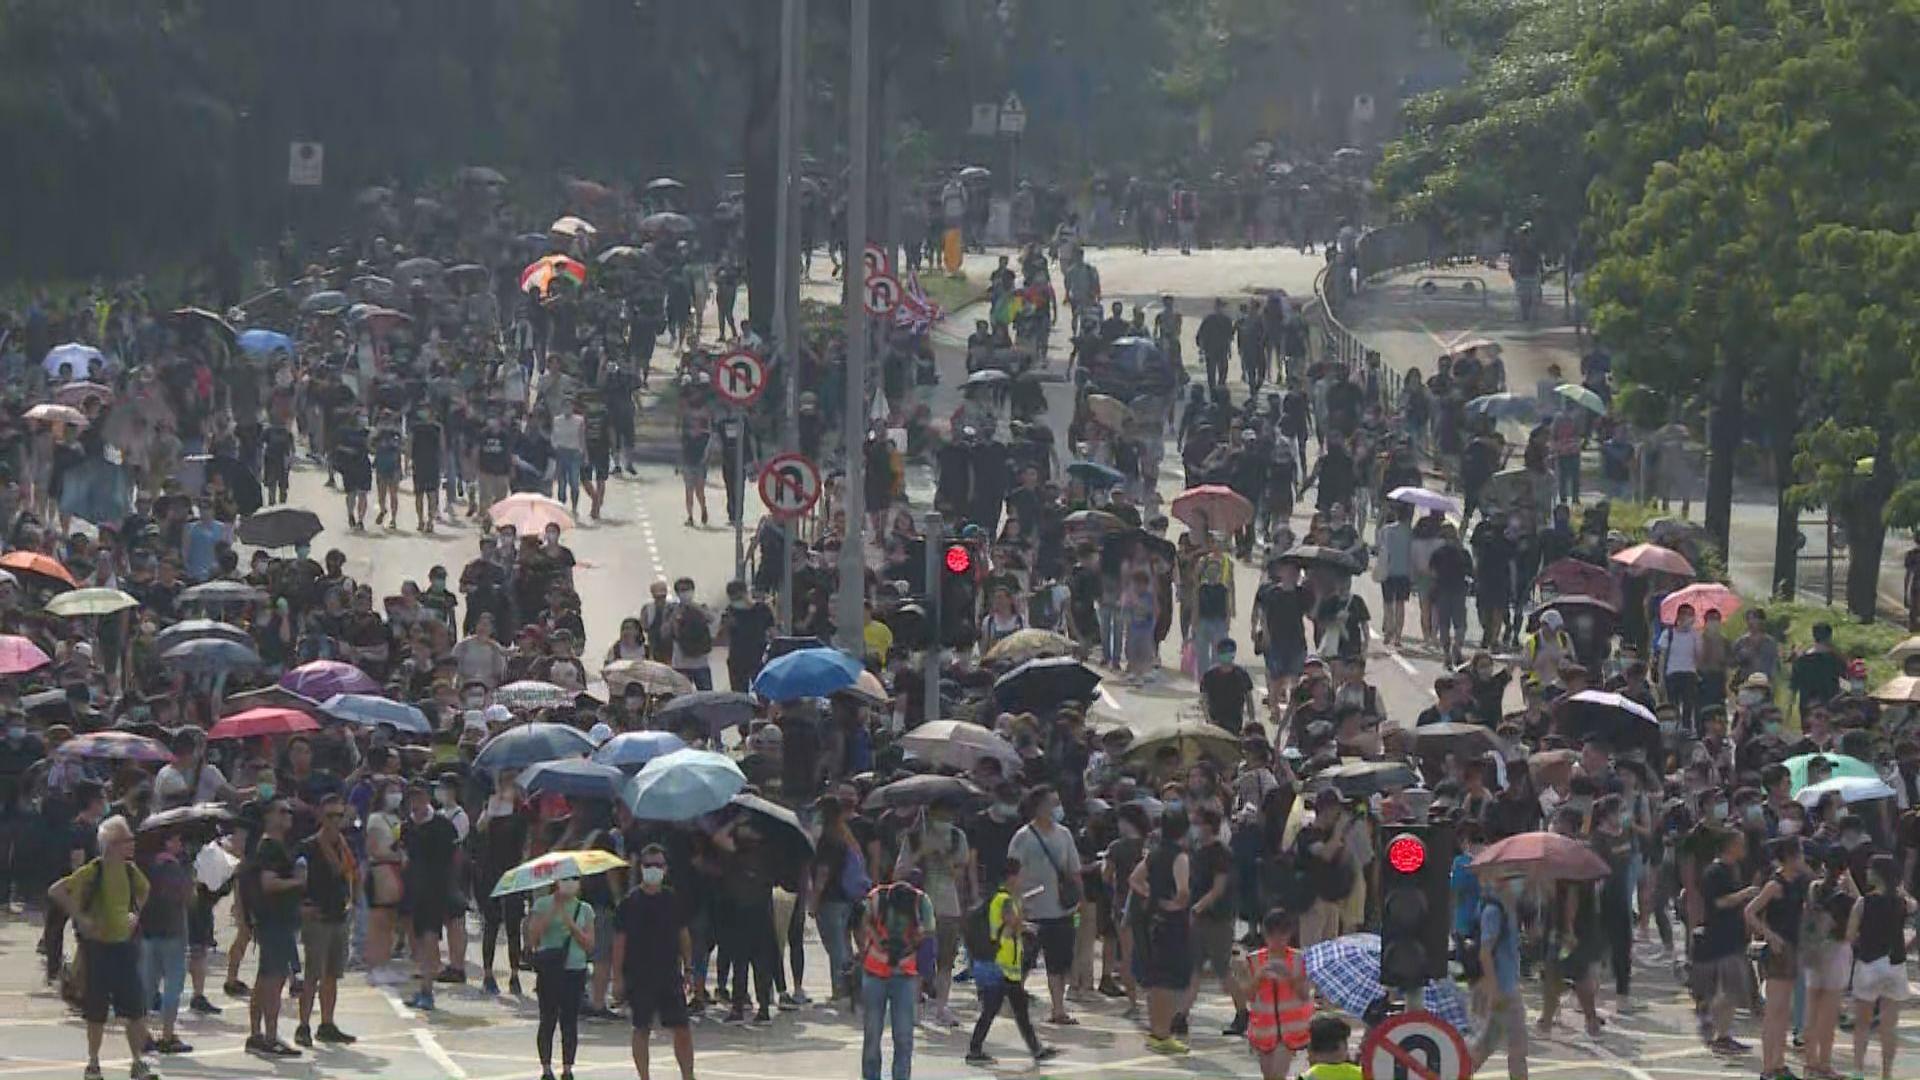 數百人大埔區內遊行 大批警員於太和路戒備